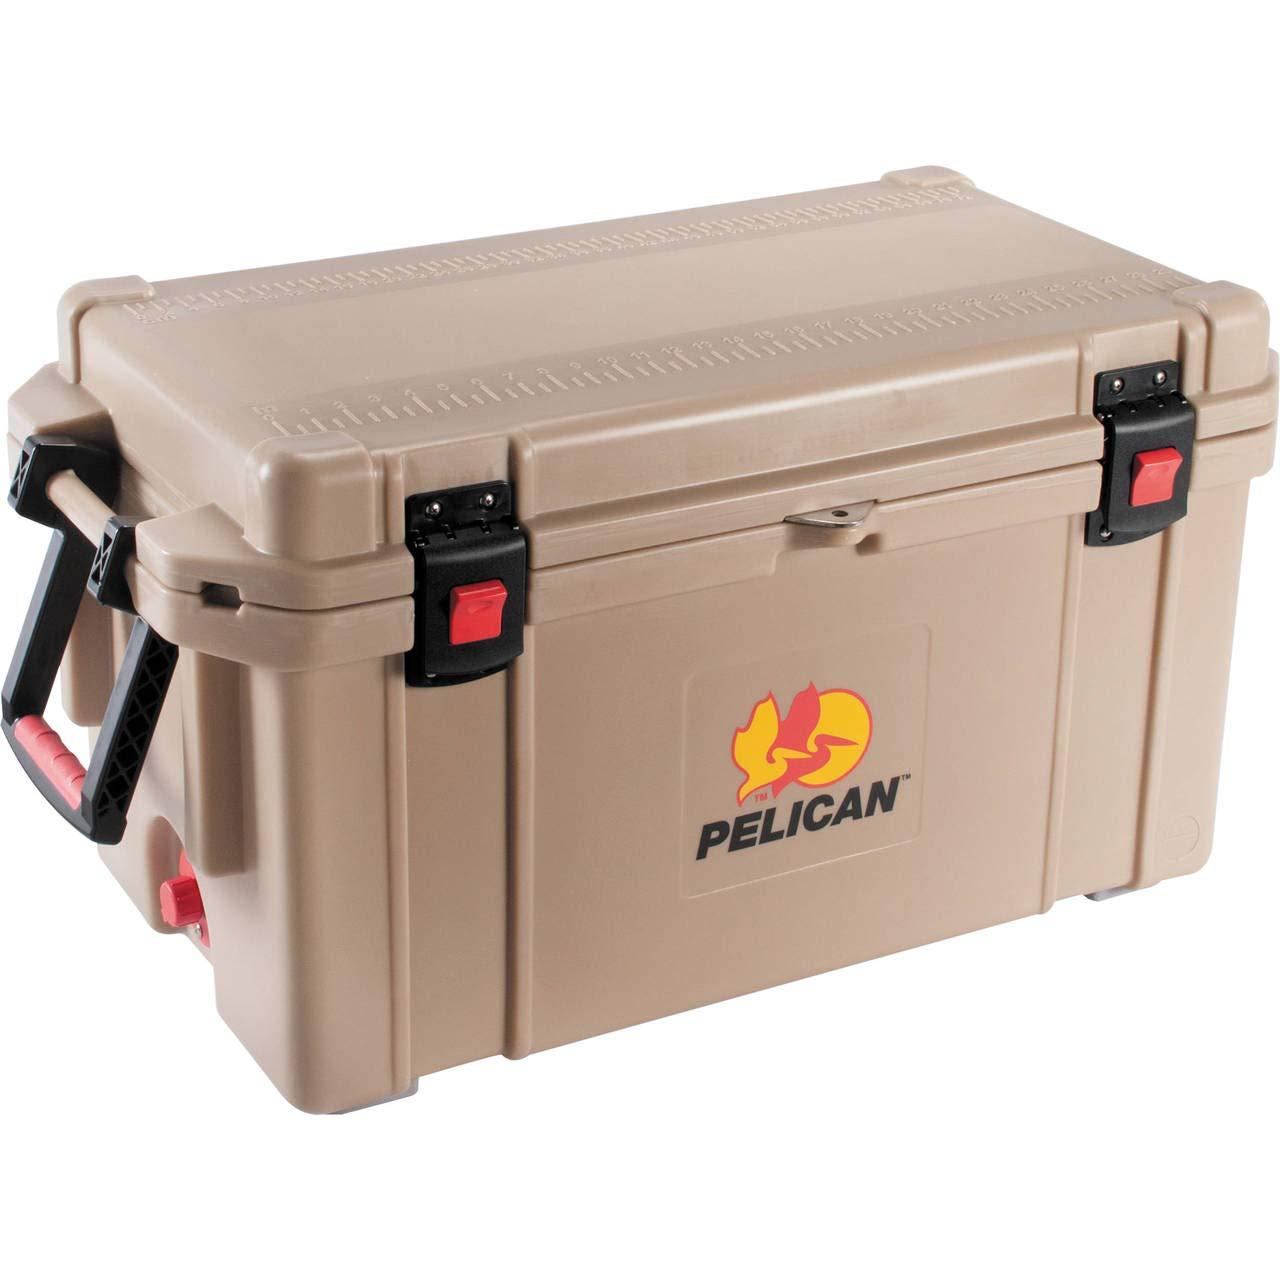 pelican 65 qt cooler review